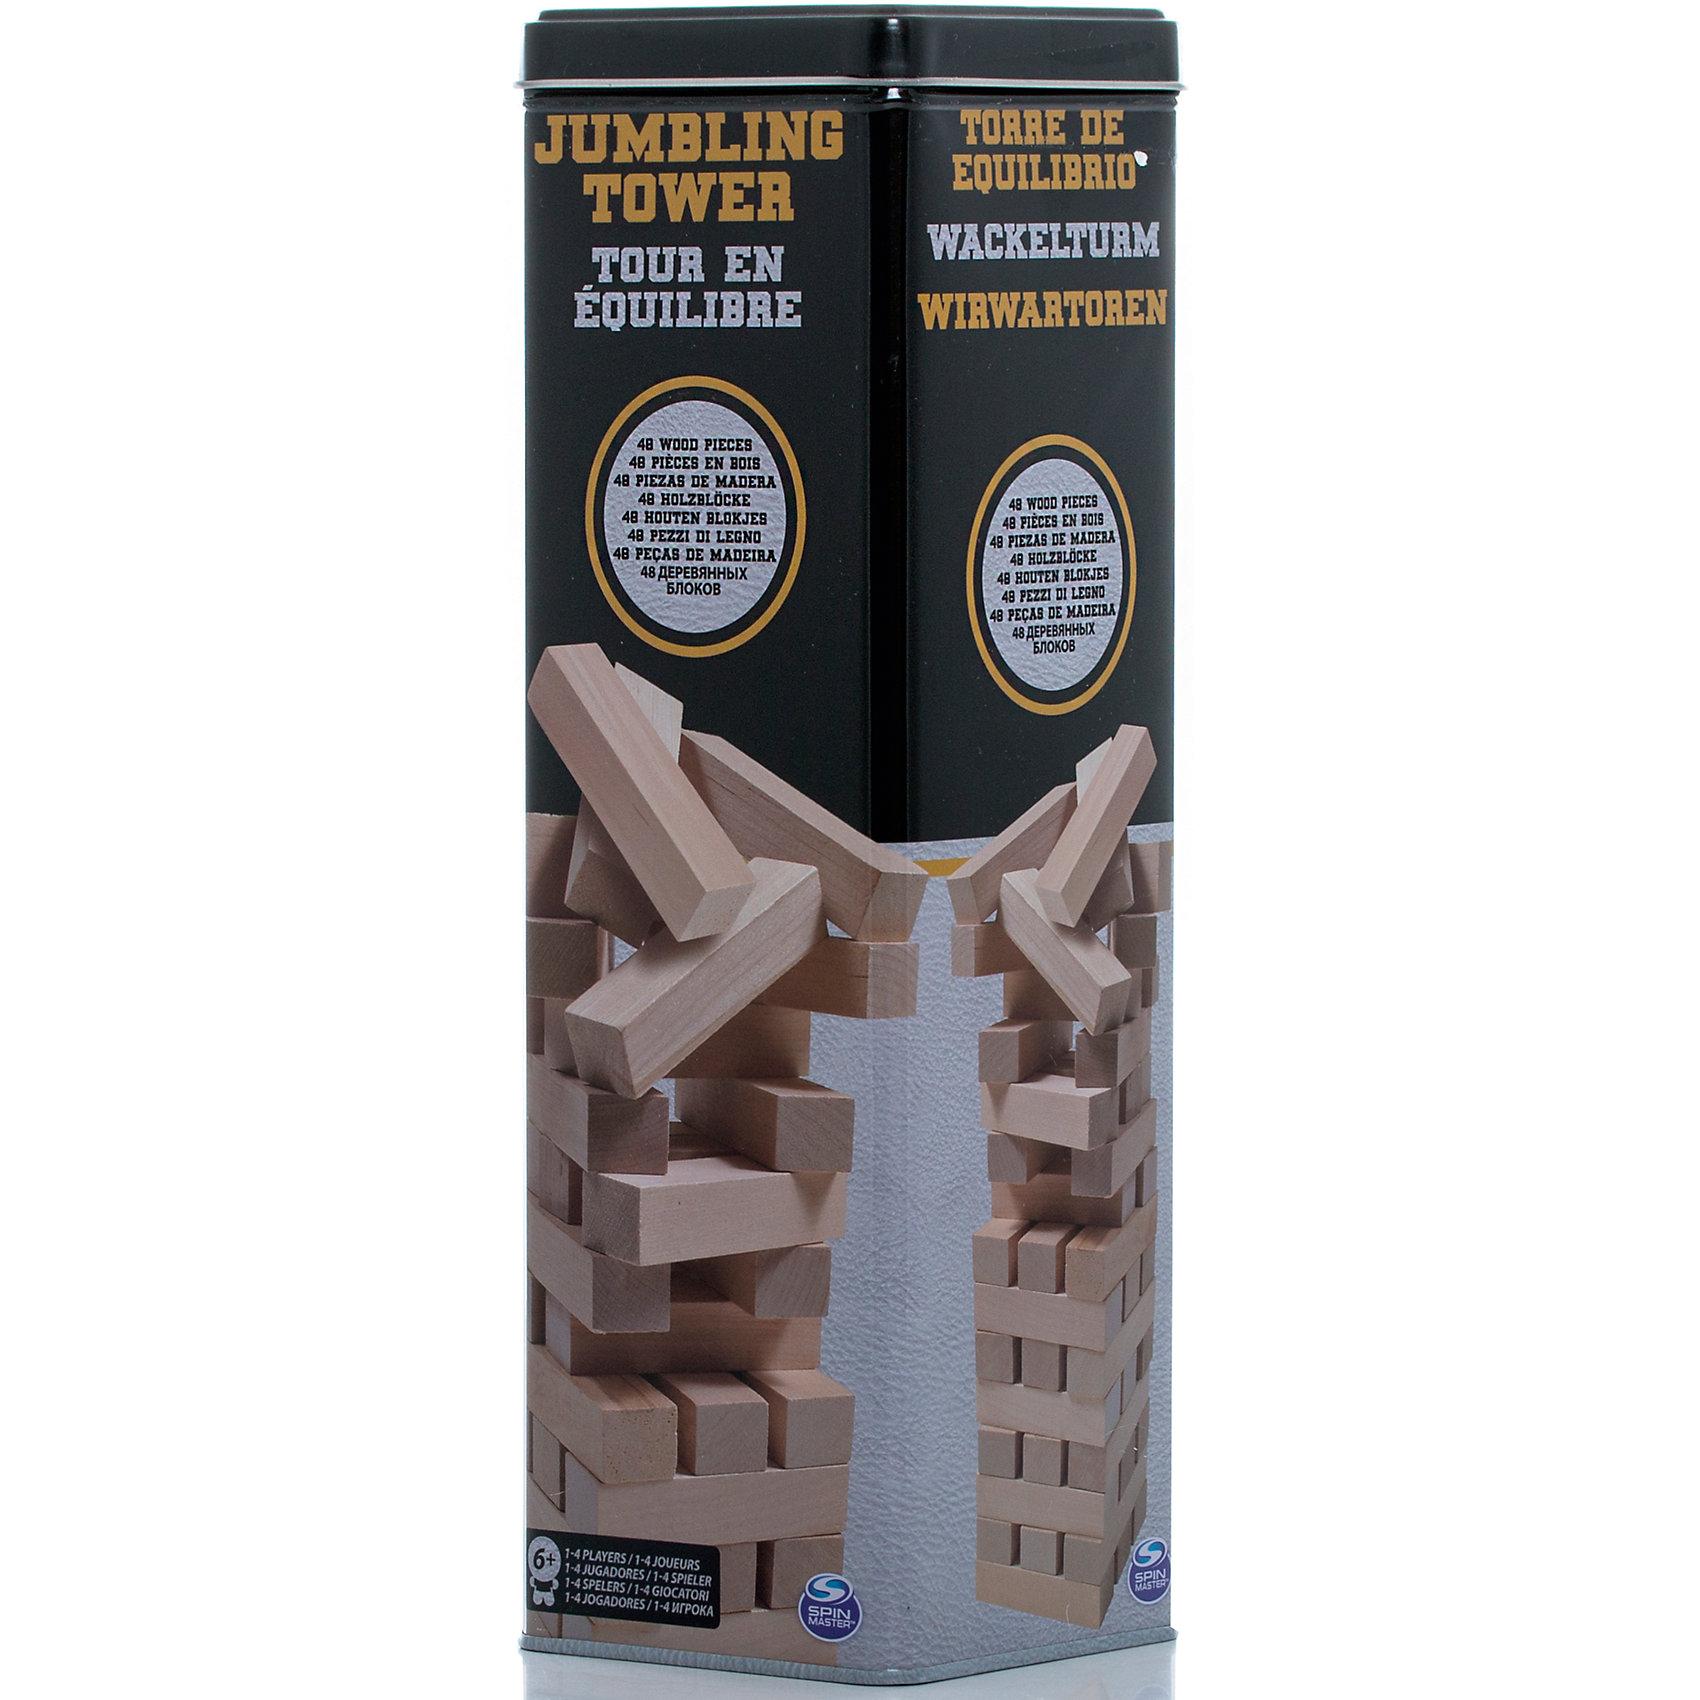 Настольная игра Падающая башня в жестяной банке, 48 блоков, Spin MasterНастольные игры для всей семьи<br>Характеристики товара:<br><br>• возраст от 6 лет;<br>• материал: дерево;<br>• в комплекте: 48 блоков, жестяная банка;<br>• количество игроков: до 4;<br>• размер блока 7,5 см;<br>• размер упаковки 28х9х9 см;<br>• страна производитель: Китай.<br><br>Настольная игра «Падающая башня» в жестяной банке Spin Master — увлекательная игра для компании до 4 человек. Цель игры — построить высокую башню, а затем убирать из нее по одному брусочку и помещать его наверх. Только следует быть аккуратным и внимательным, вынимая брусочки. Башня не должна упасть, иначе игрок проиграет. Игра тренирует внимательность, аккуратность, смекалку, ловкость. <br><br>Настольную игру «Падающая башня» в жестяной банке Spin Master можно приобрести в нашем интернет-магазине.<br><br>Ширина мм: 90<br>Глубина мм: 90<br>Высота мм: 280<br>Вес г: 985<br>Возраст от месяцев: 72<br>Возраст до месяцев: 2147483647<br>Пол: Унисекс<br>Возраст: Детский<br>SKU: 6728758